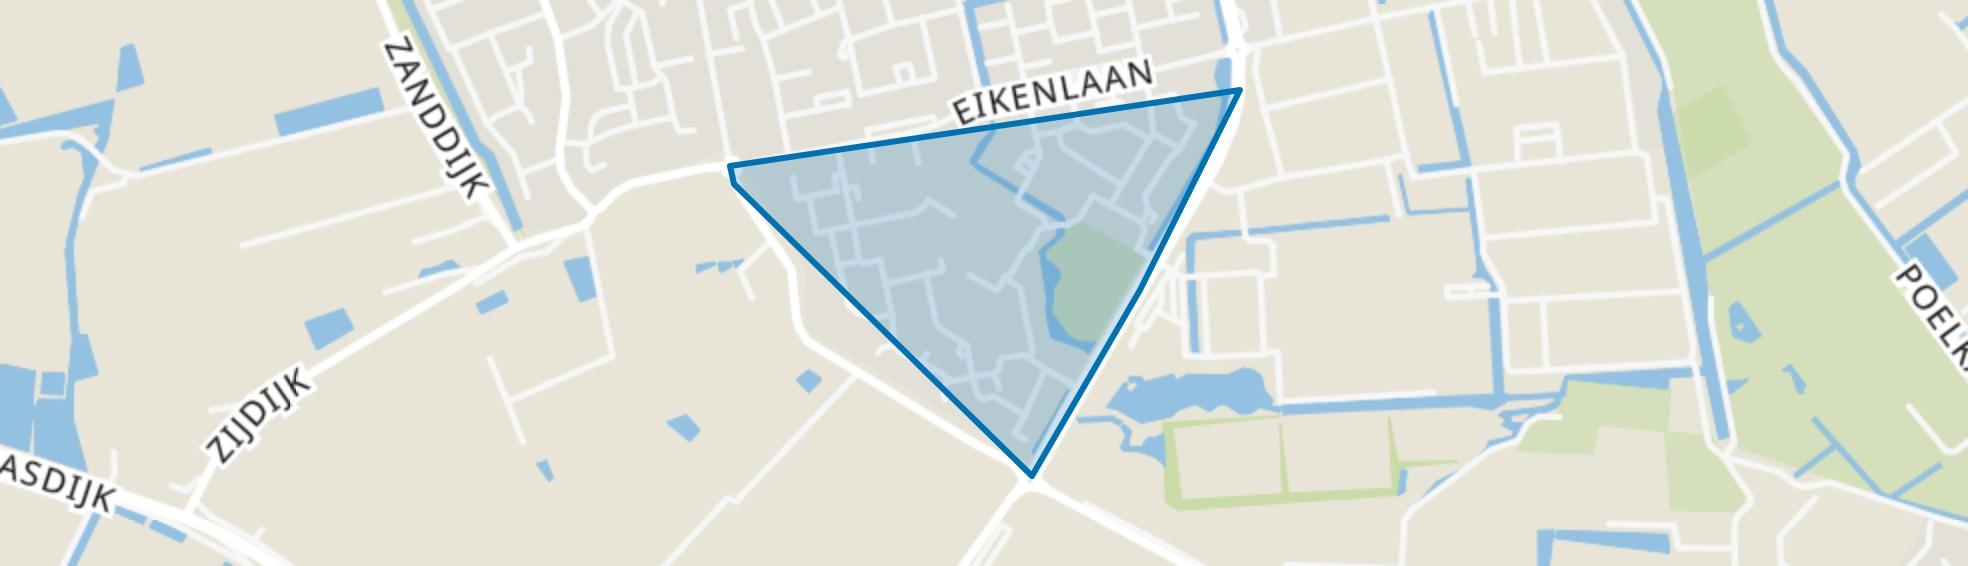 Edelstenenwijk, 's-Gravenzande map